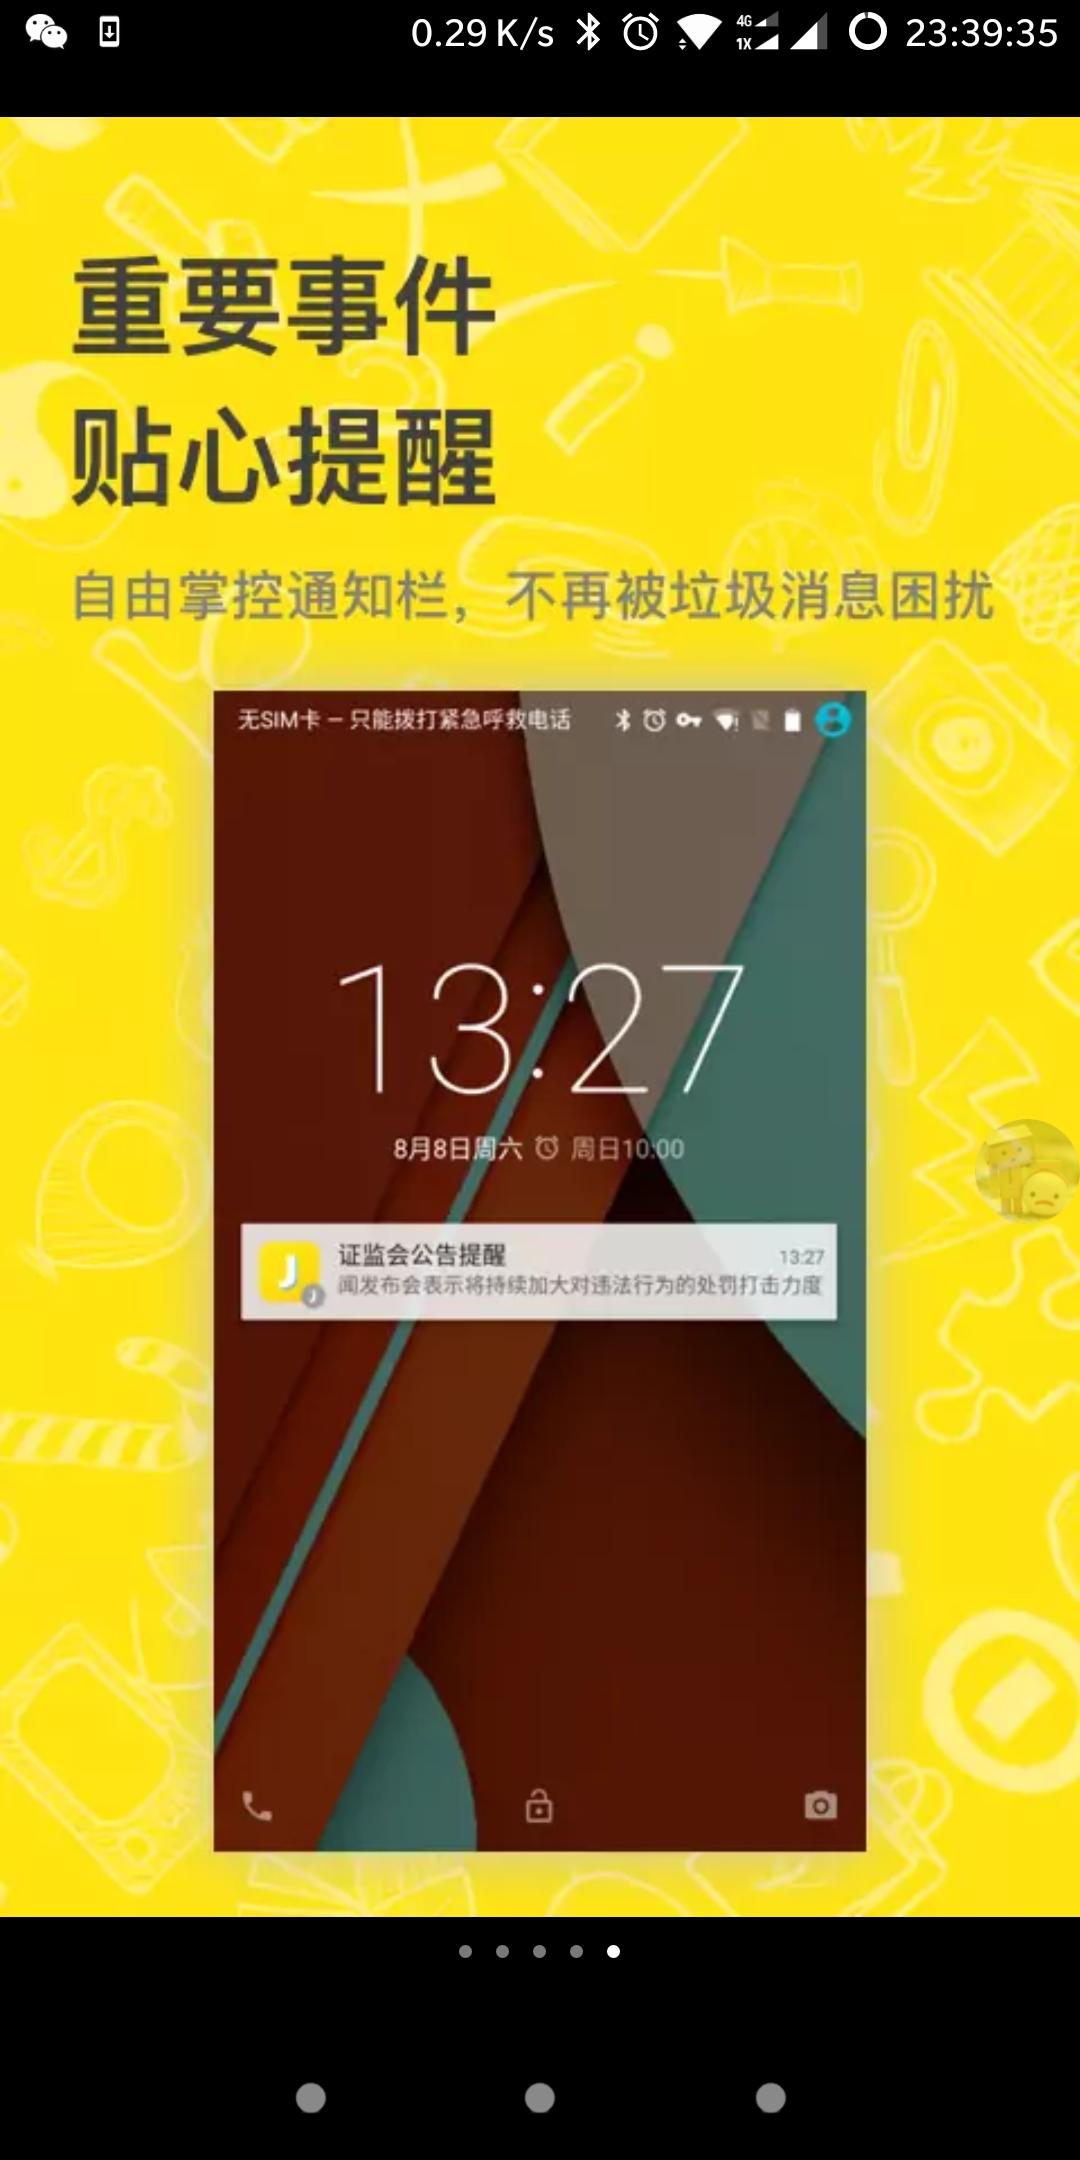 Screenshot_20180514-233936.jpg